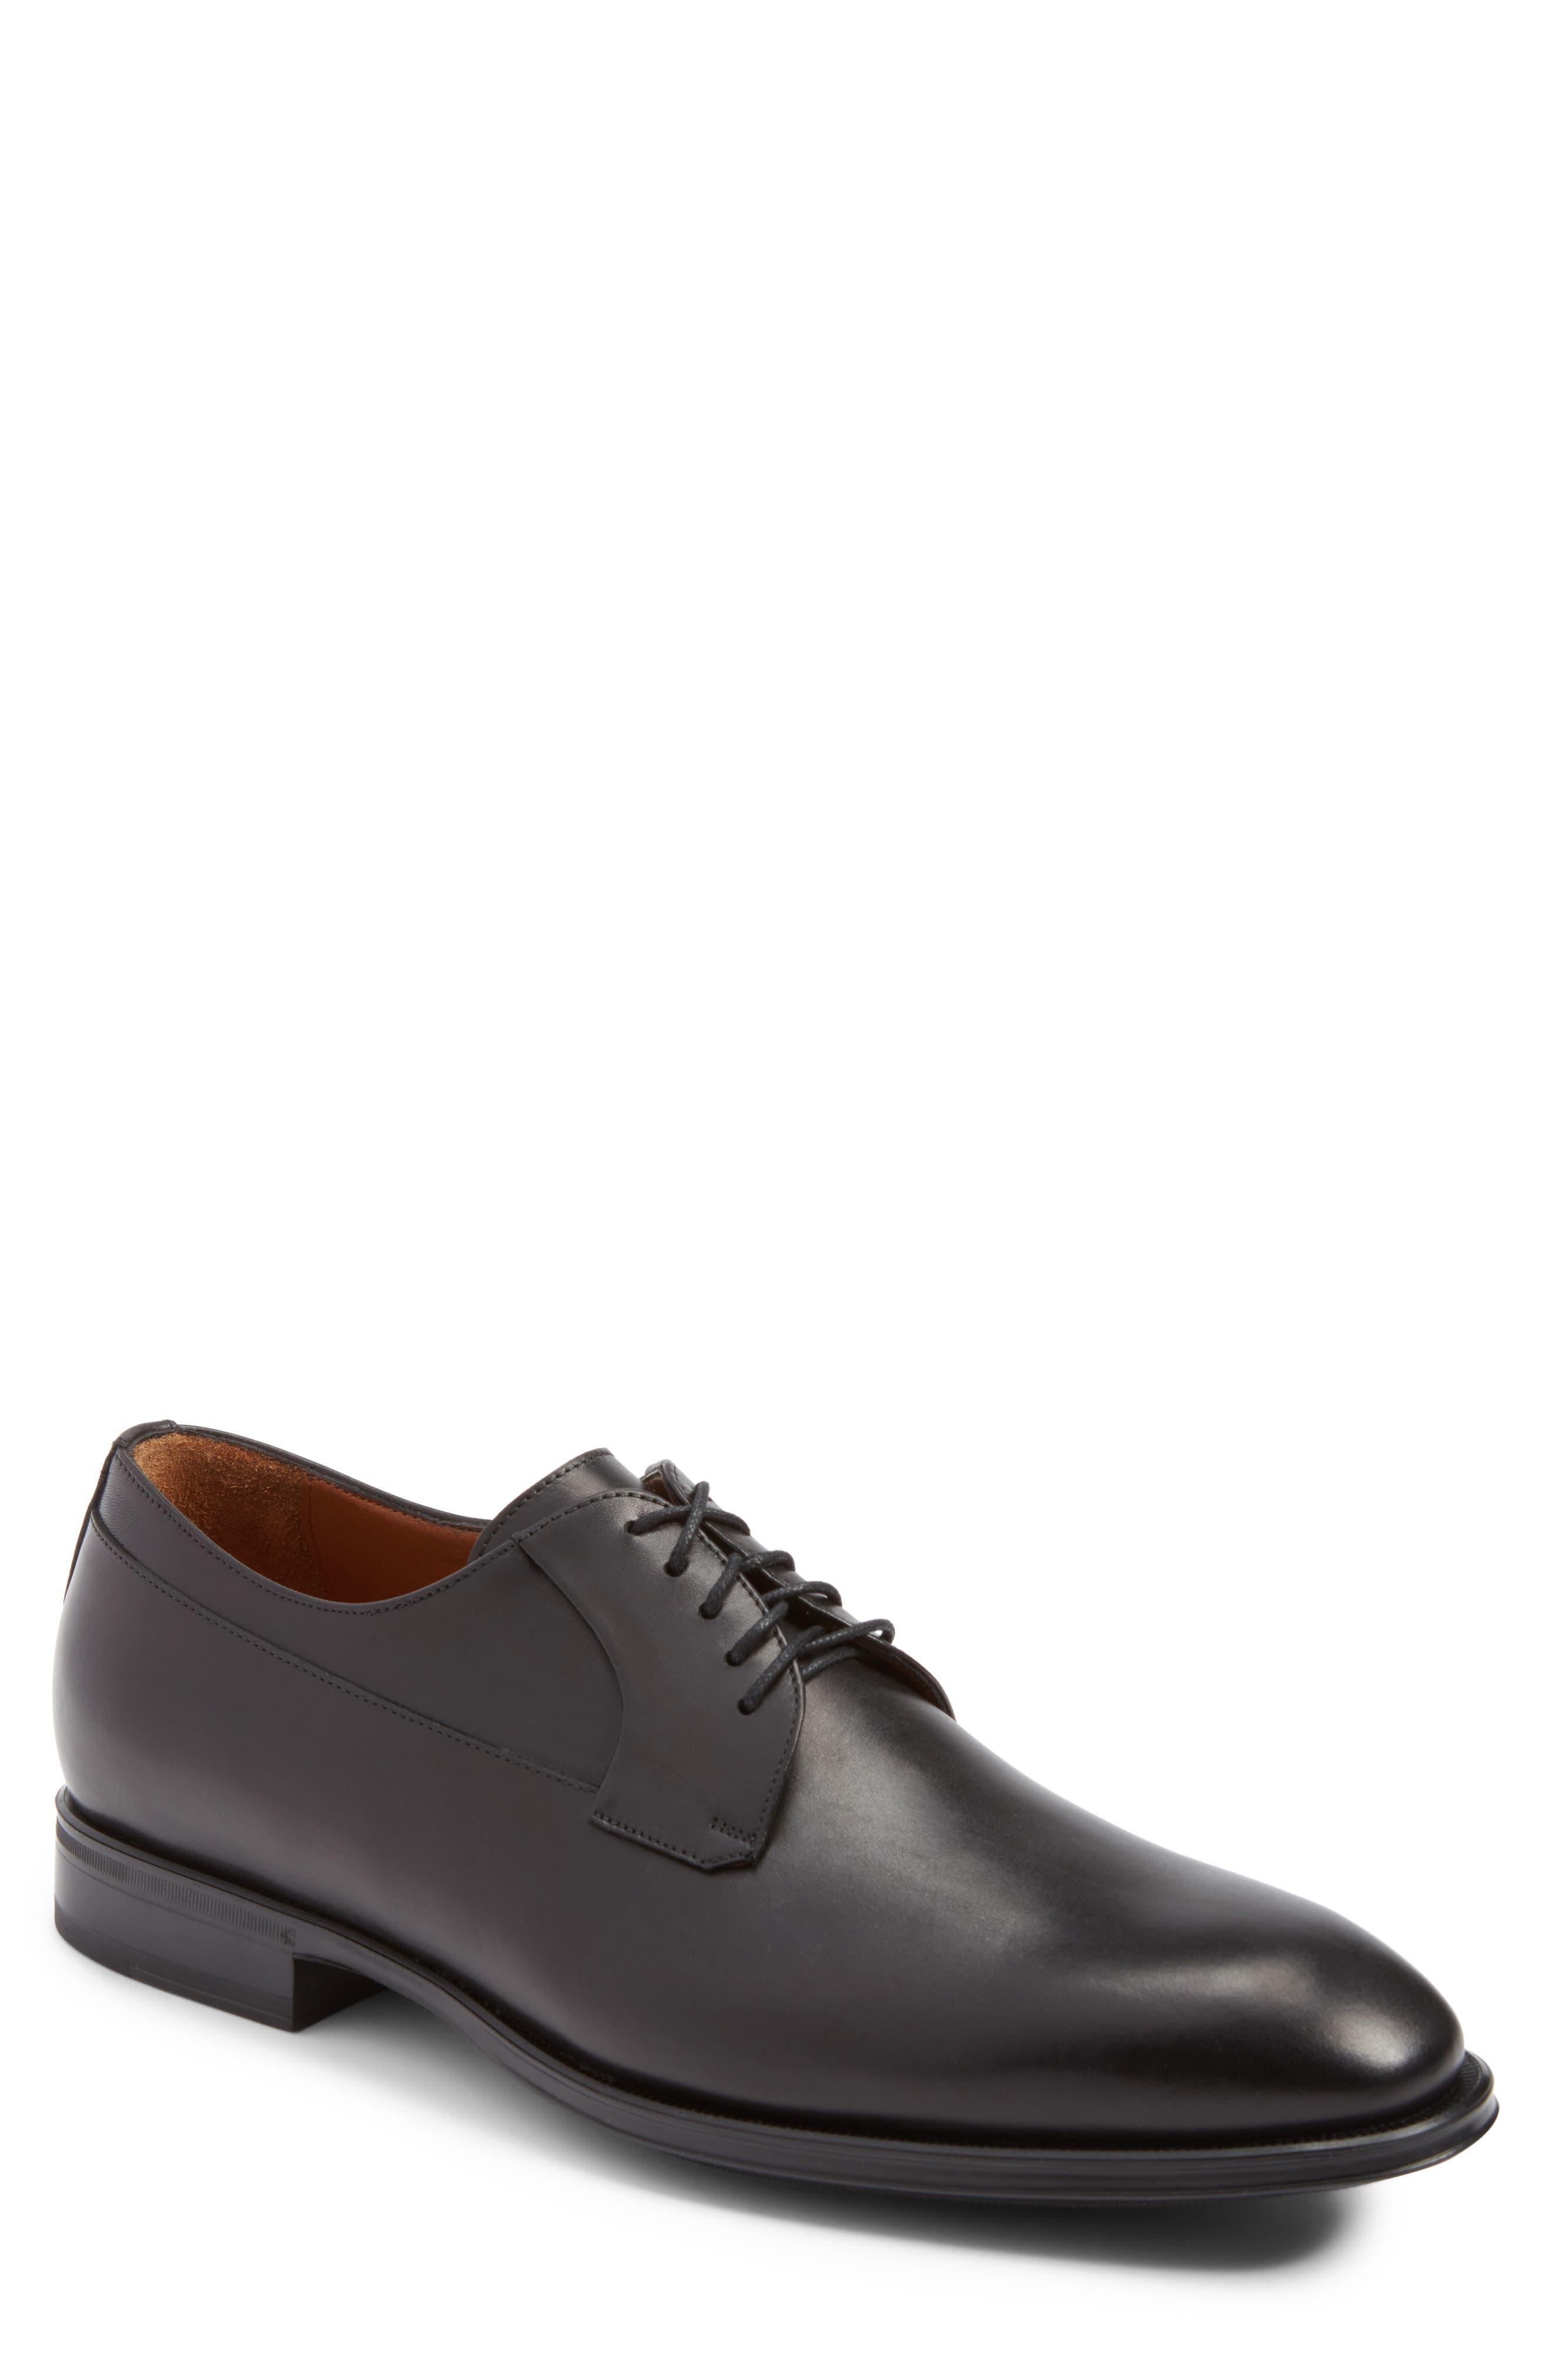 Aquatalia Decker Plain Toe Derby (Men)